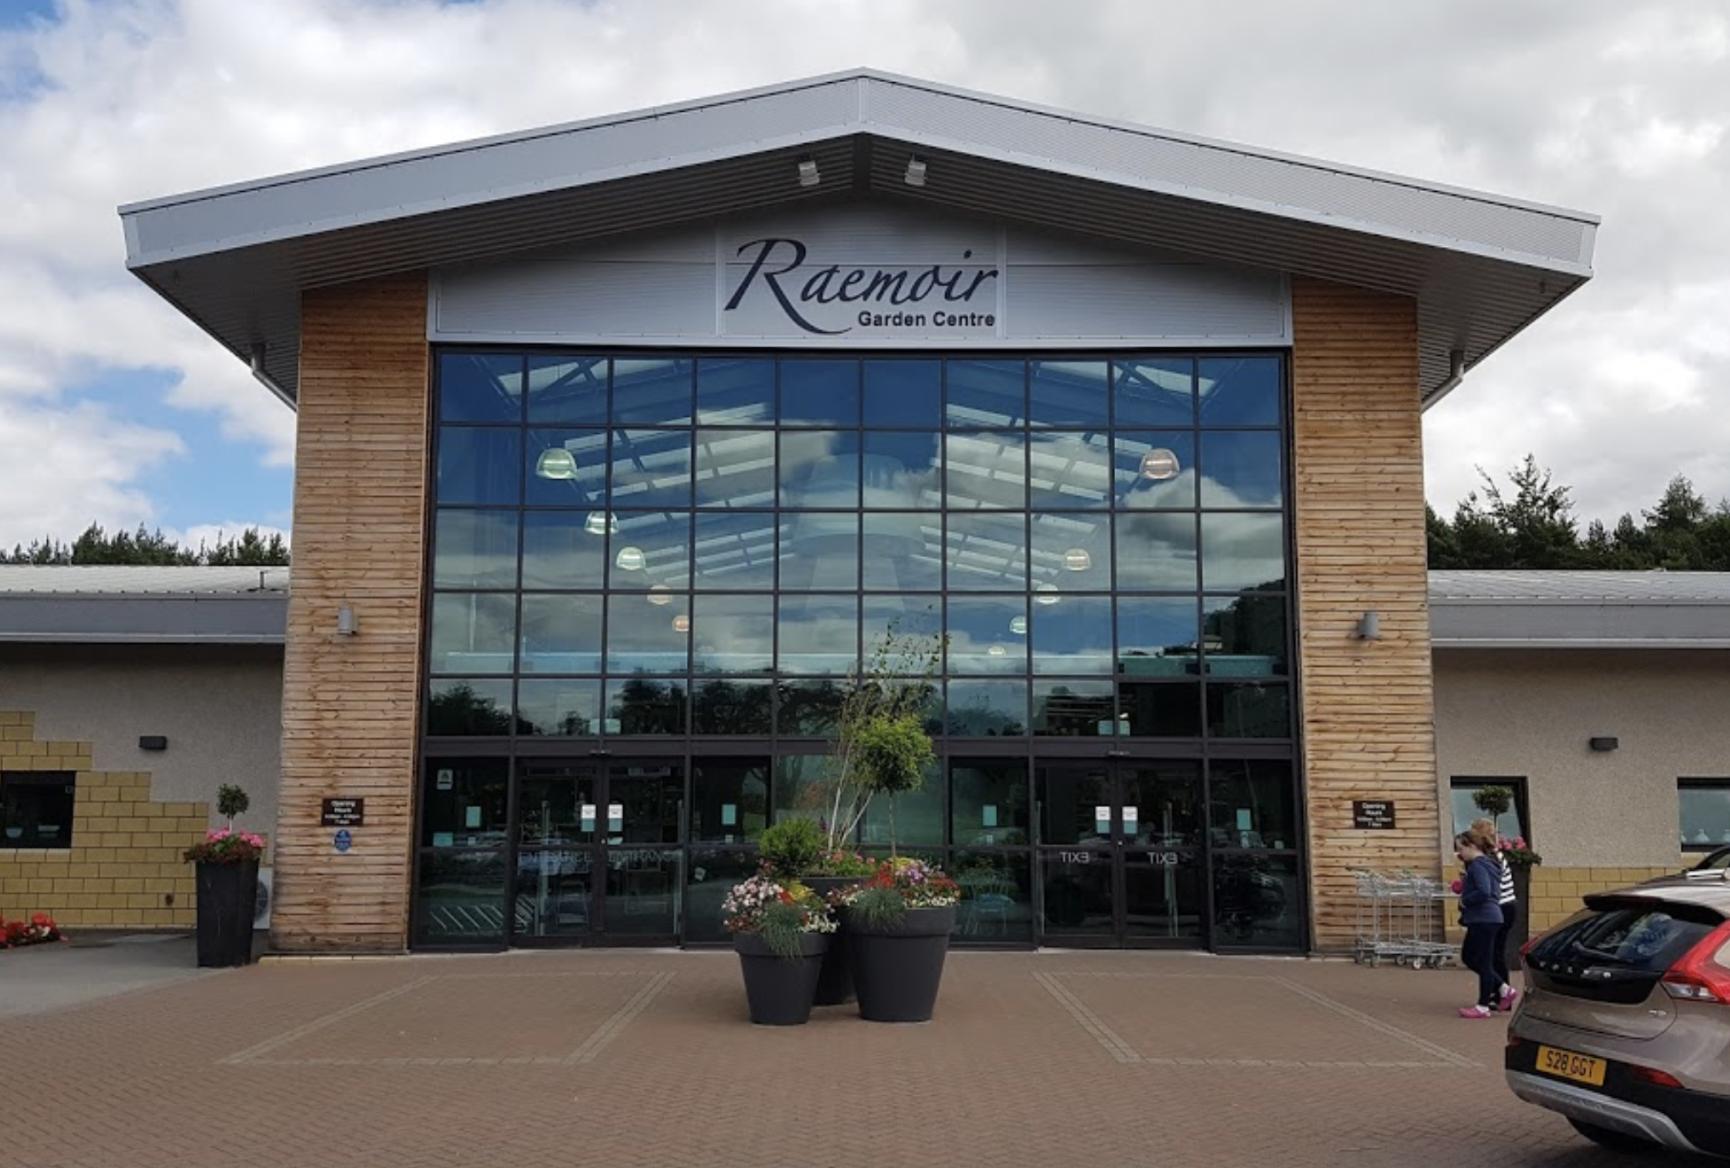 Raemoir Garden Centre